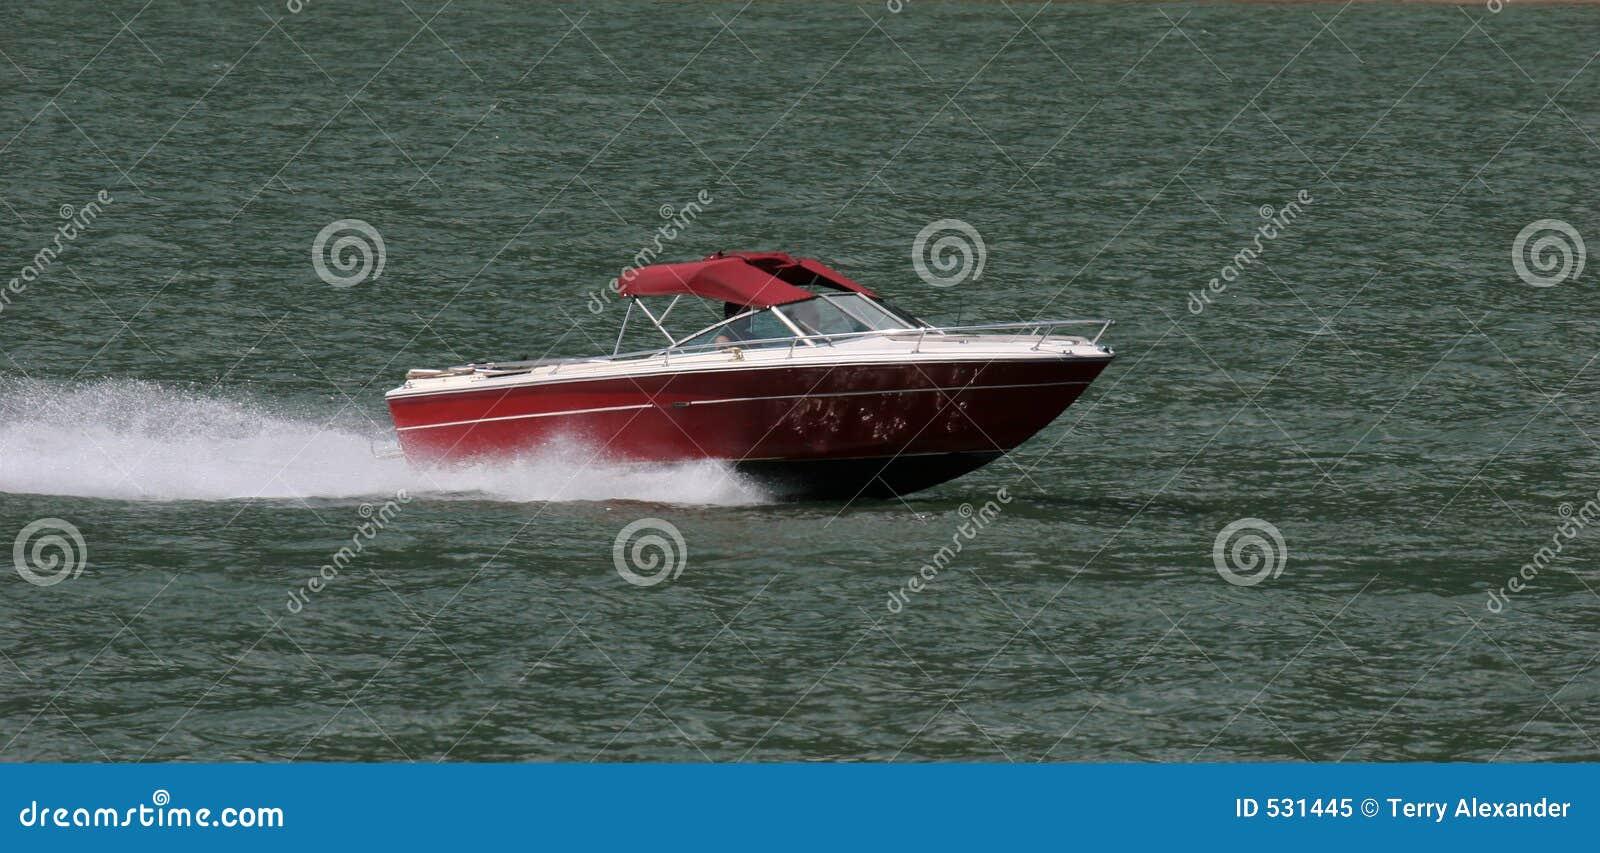 Download 速度 库存图片. 图片 包括有 夏天, 马达, 晒裂, 捕鱼, 小船, 节假日, 玻璃纤维, 滑雪, 渔夫, 休闲 - 531445